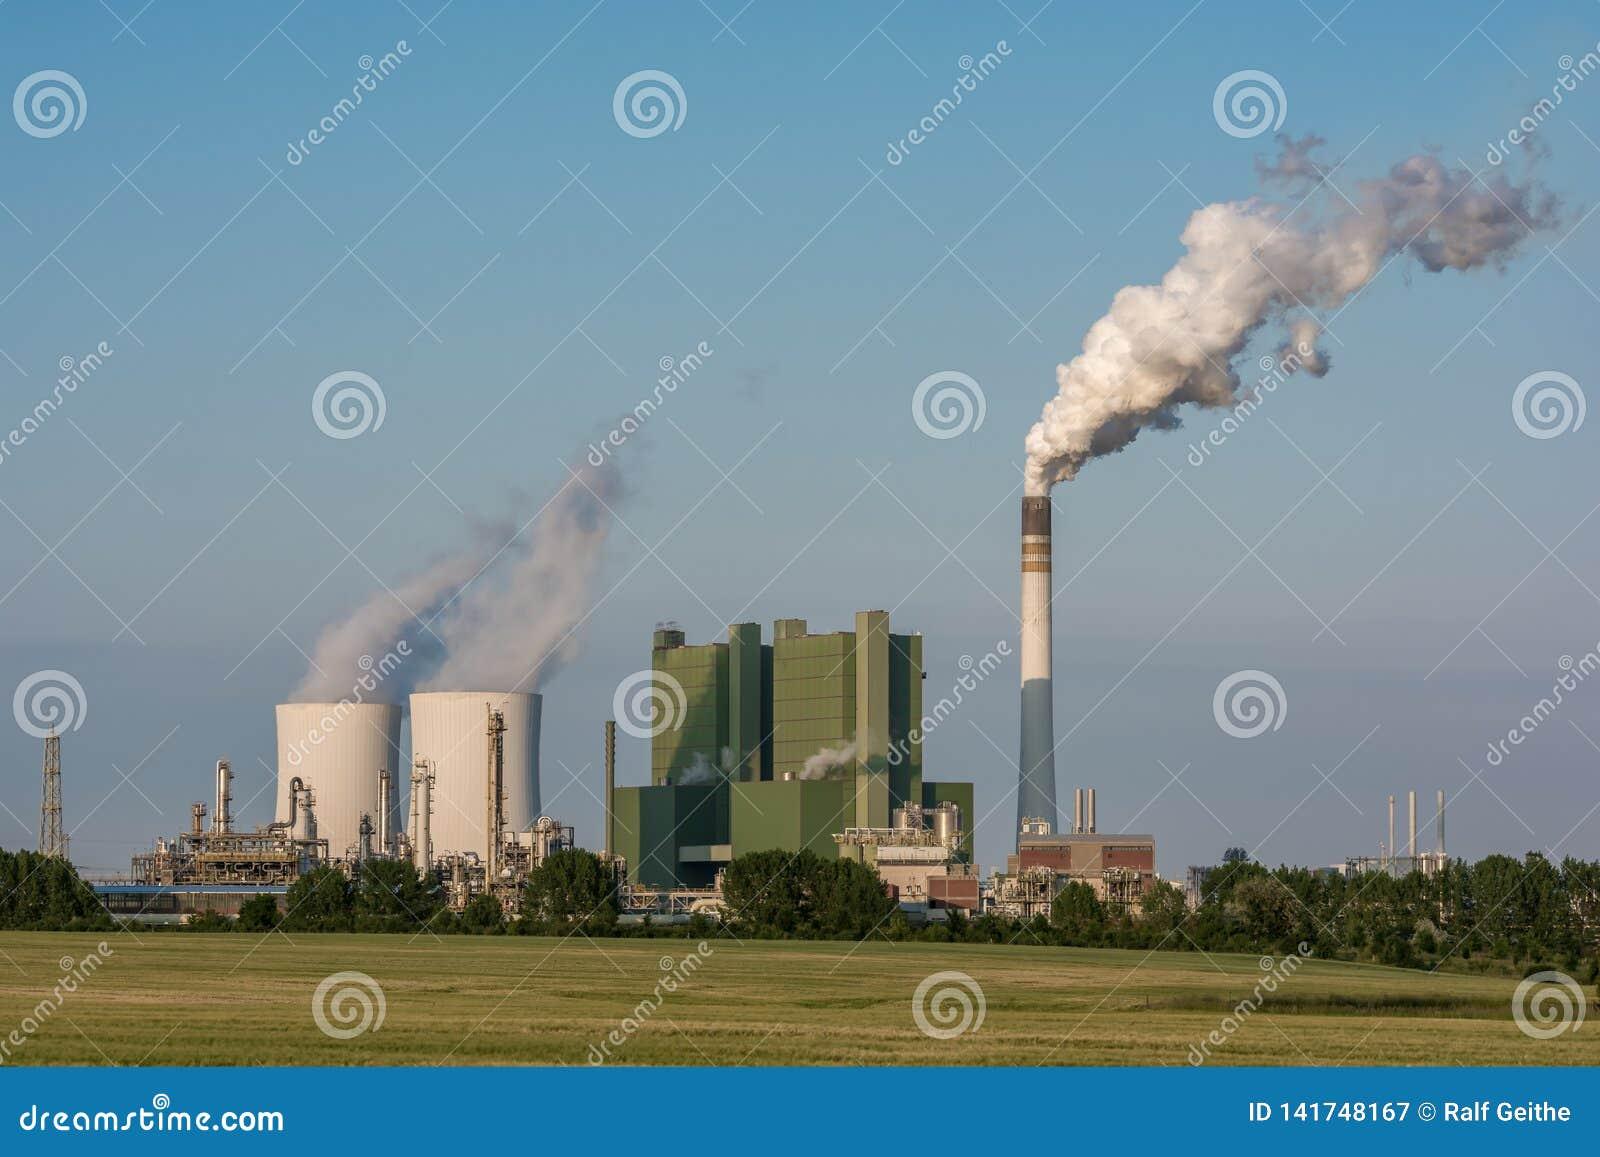 Fábrica grande con el cocido al vapor de torres de enfriamiento al vapor y fumar la chimenea